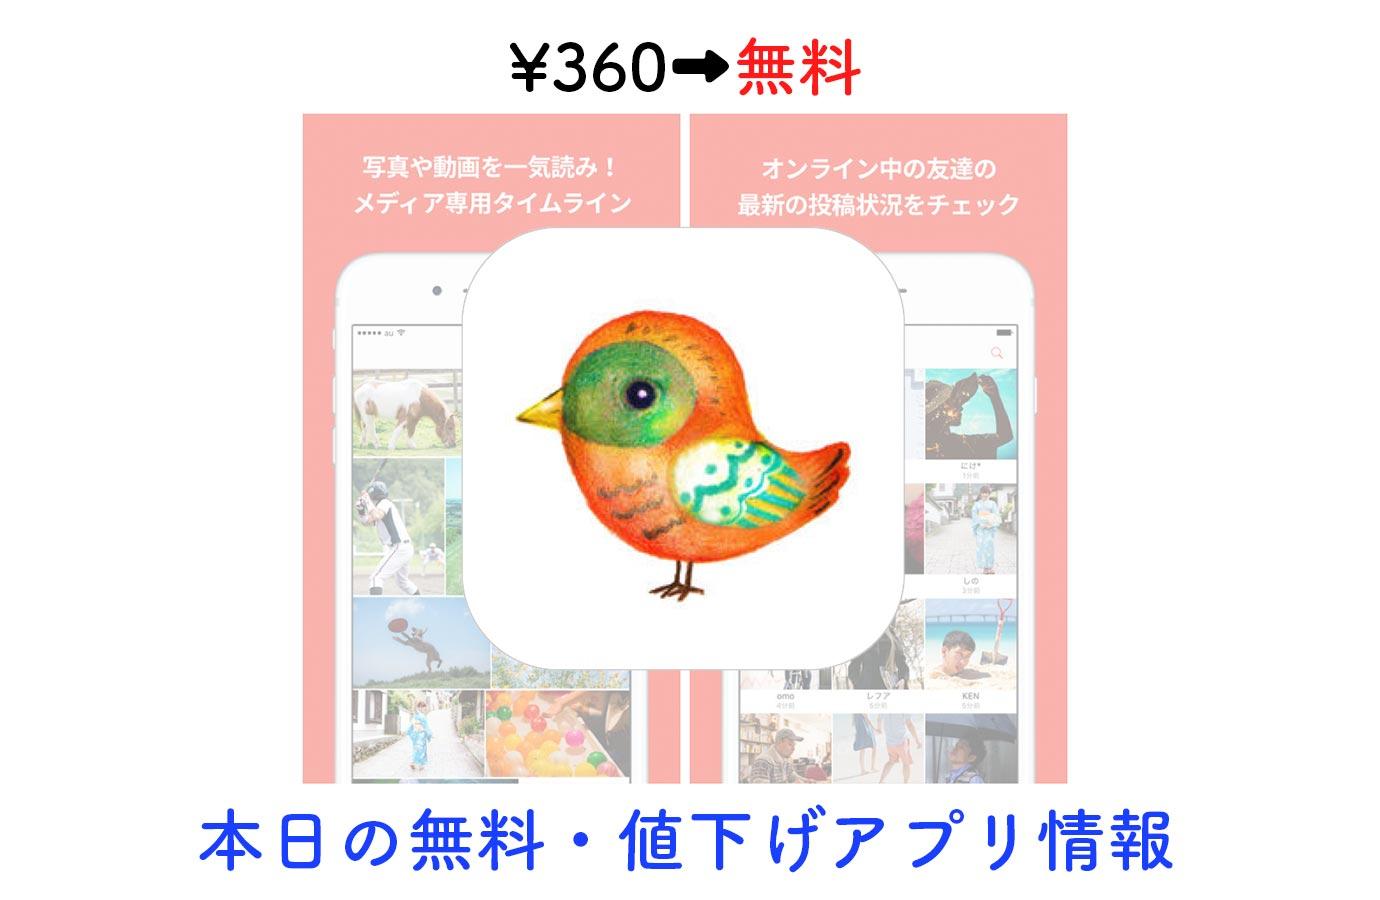 ¥360→無料、Twitterの画像・動画まとめ読みアプリ「Potos for Twitter」など【12/28】本日の無料・値下げアプリ情報